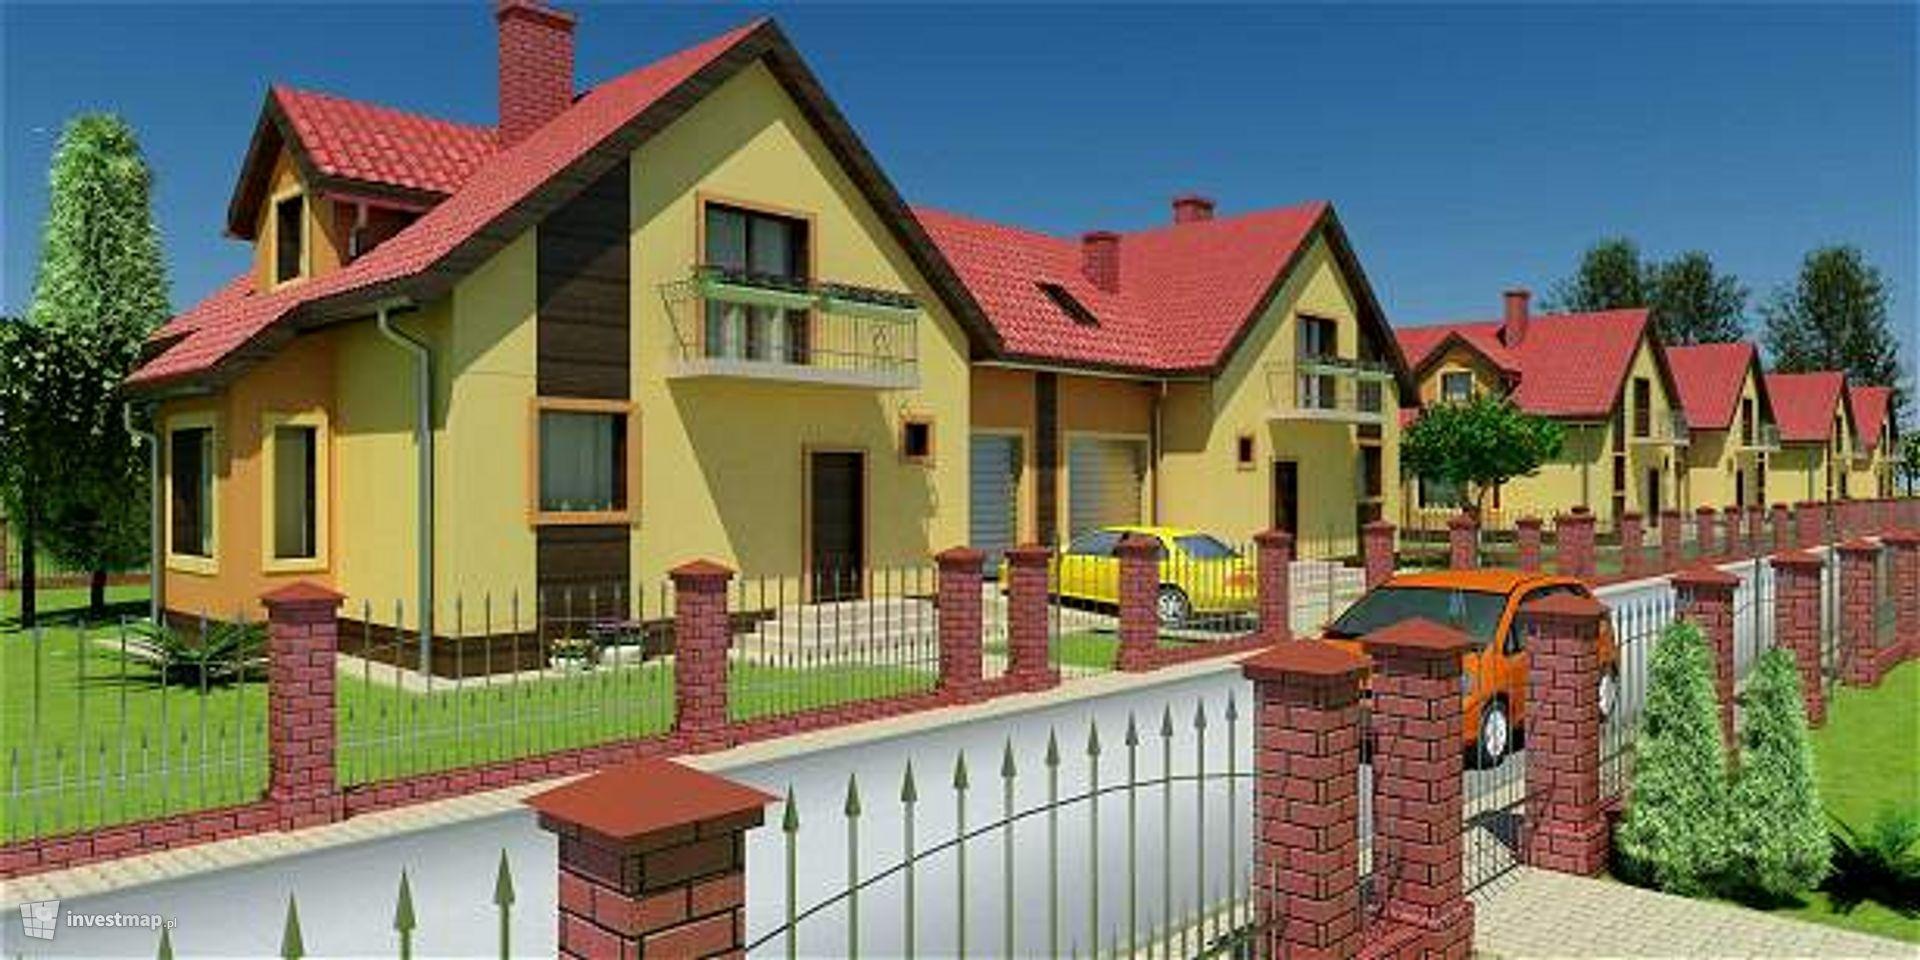 Osiedle 26 domków jednorodzinnych